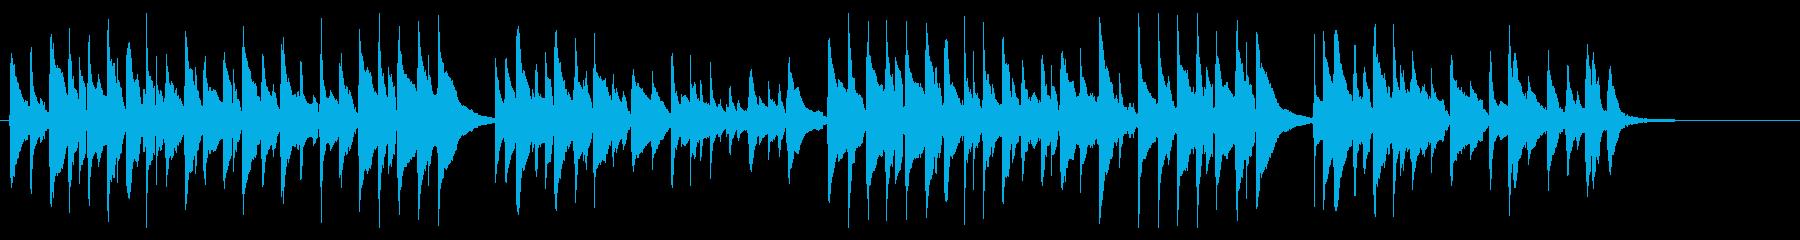 ゆっくりとした時間の流れを感じるギター曲の再生済みの波形